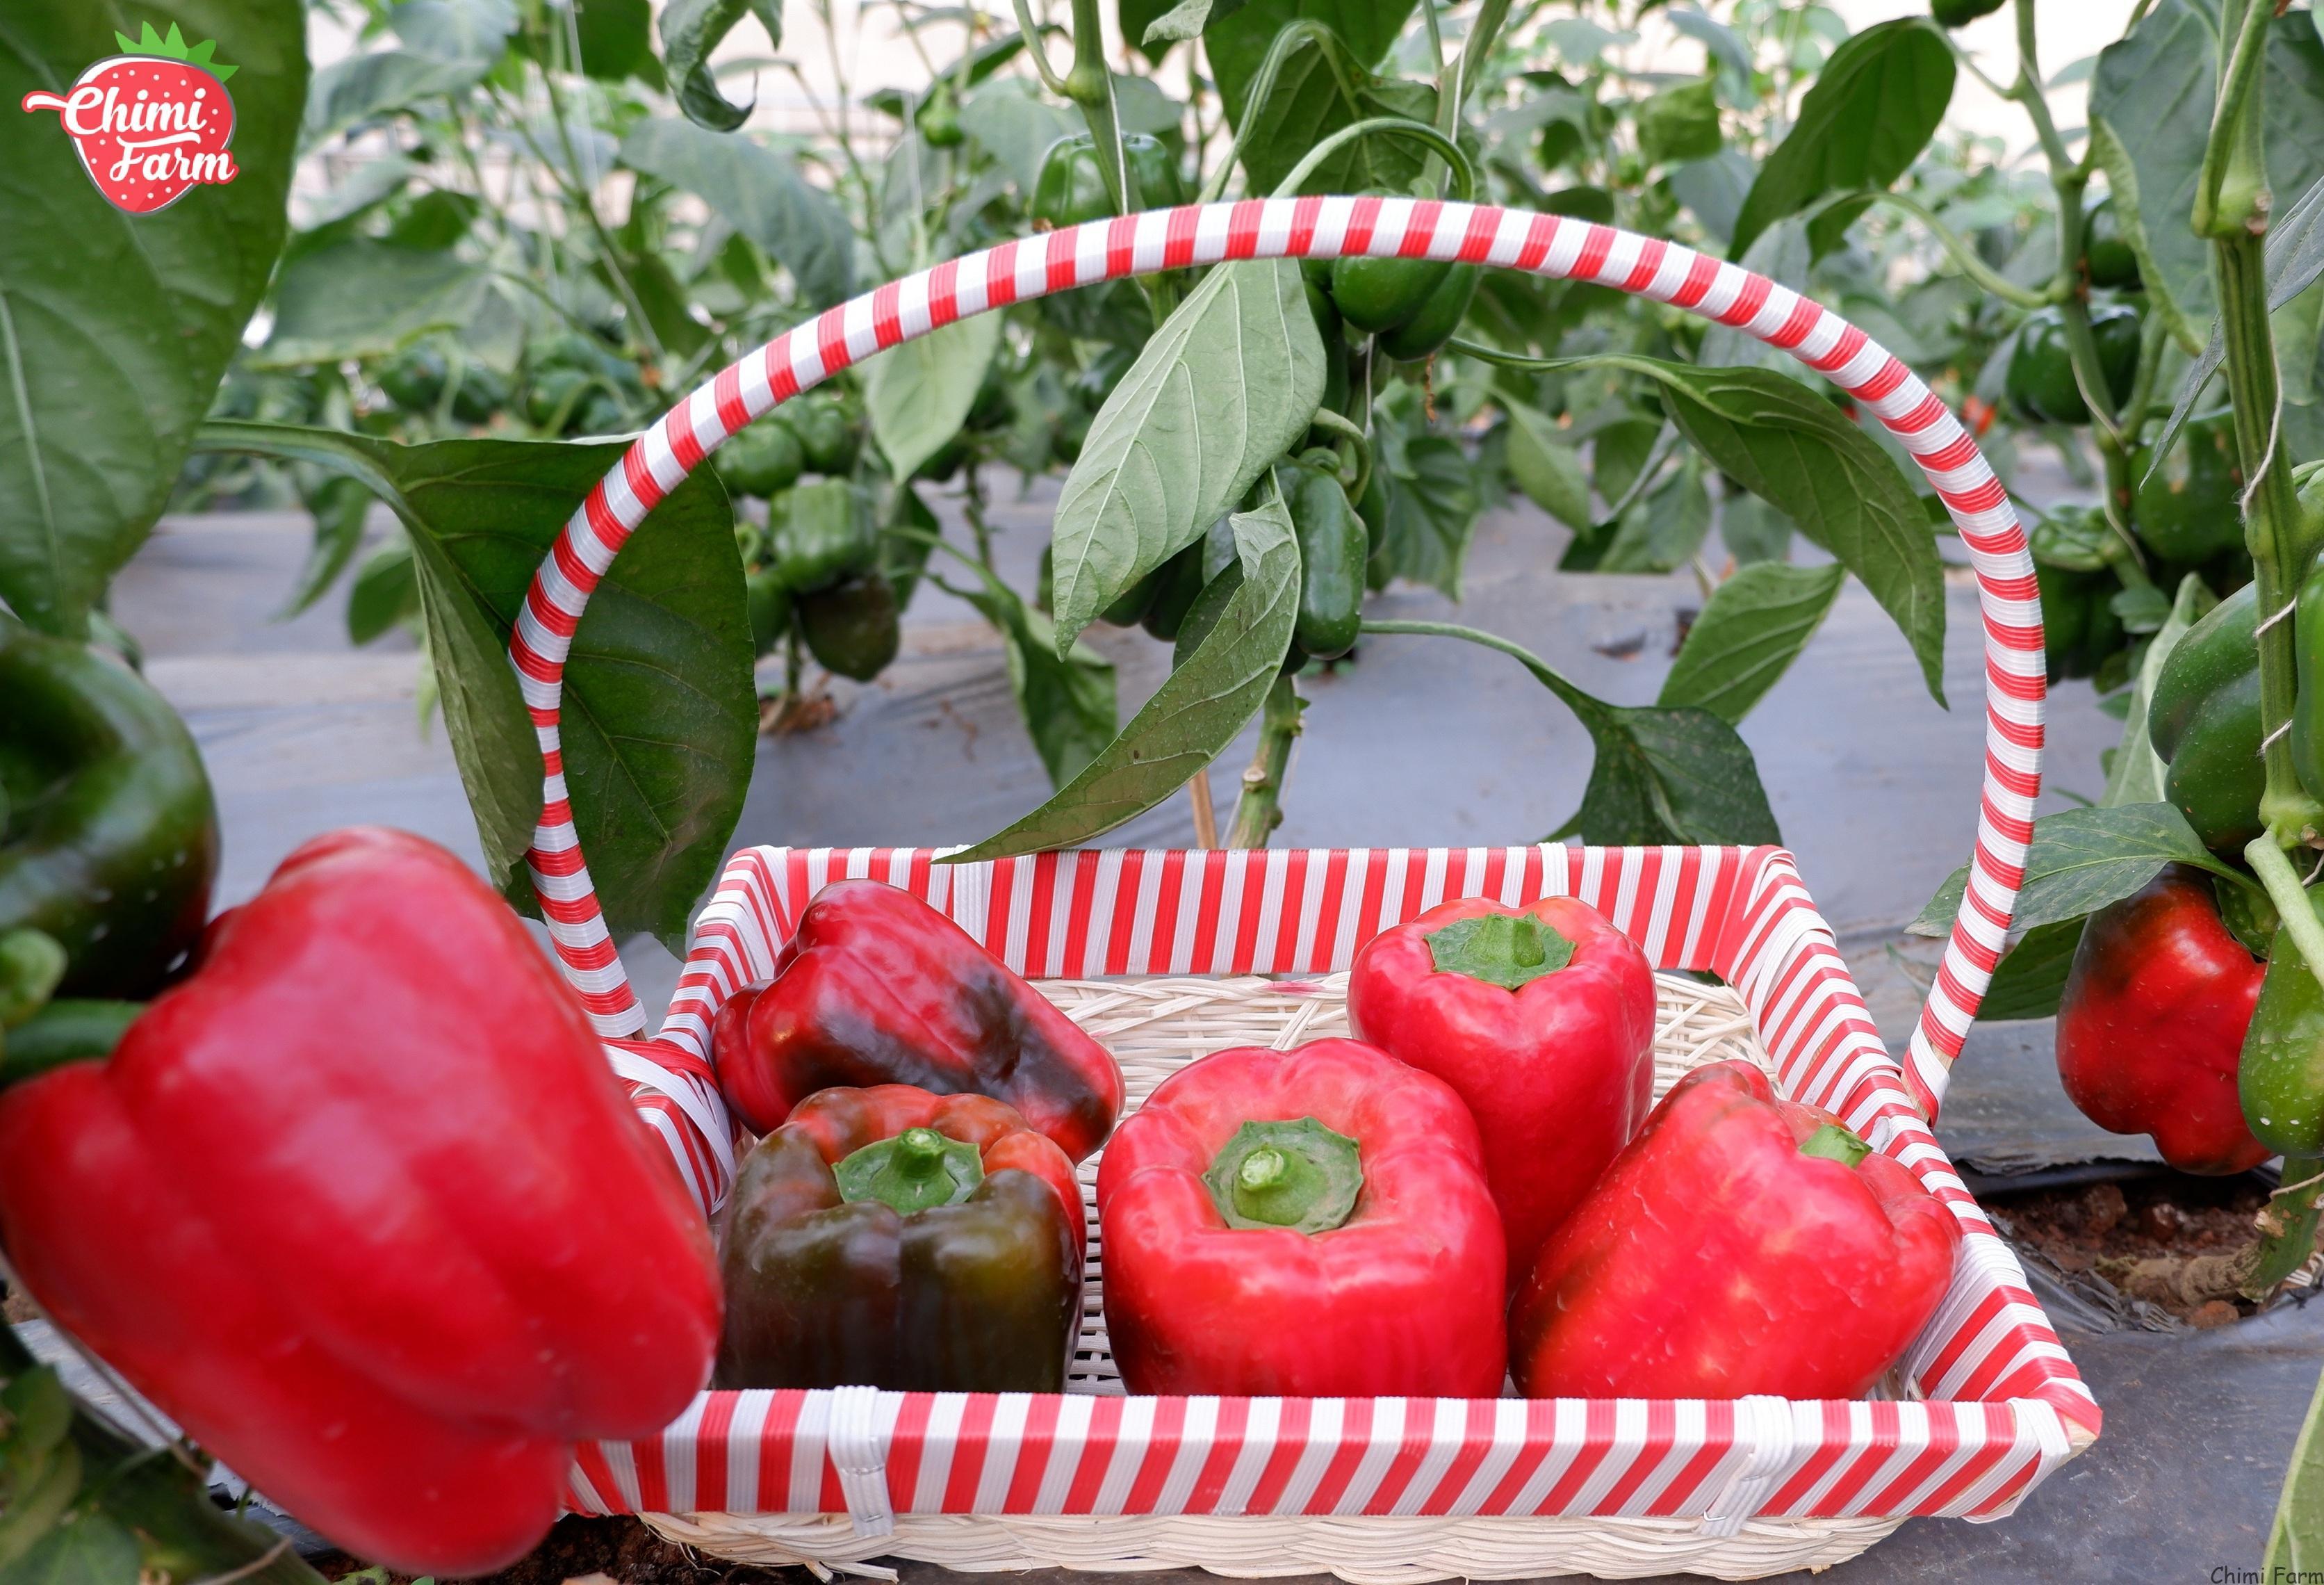 Ớt chuông cũng nằm trong top những loại thực phẩm chứa vitamin A